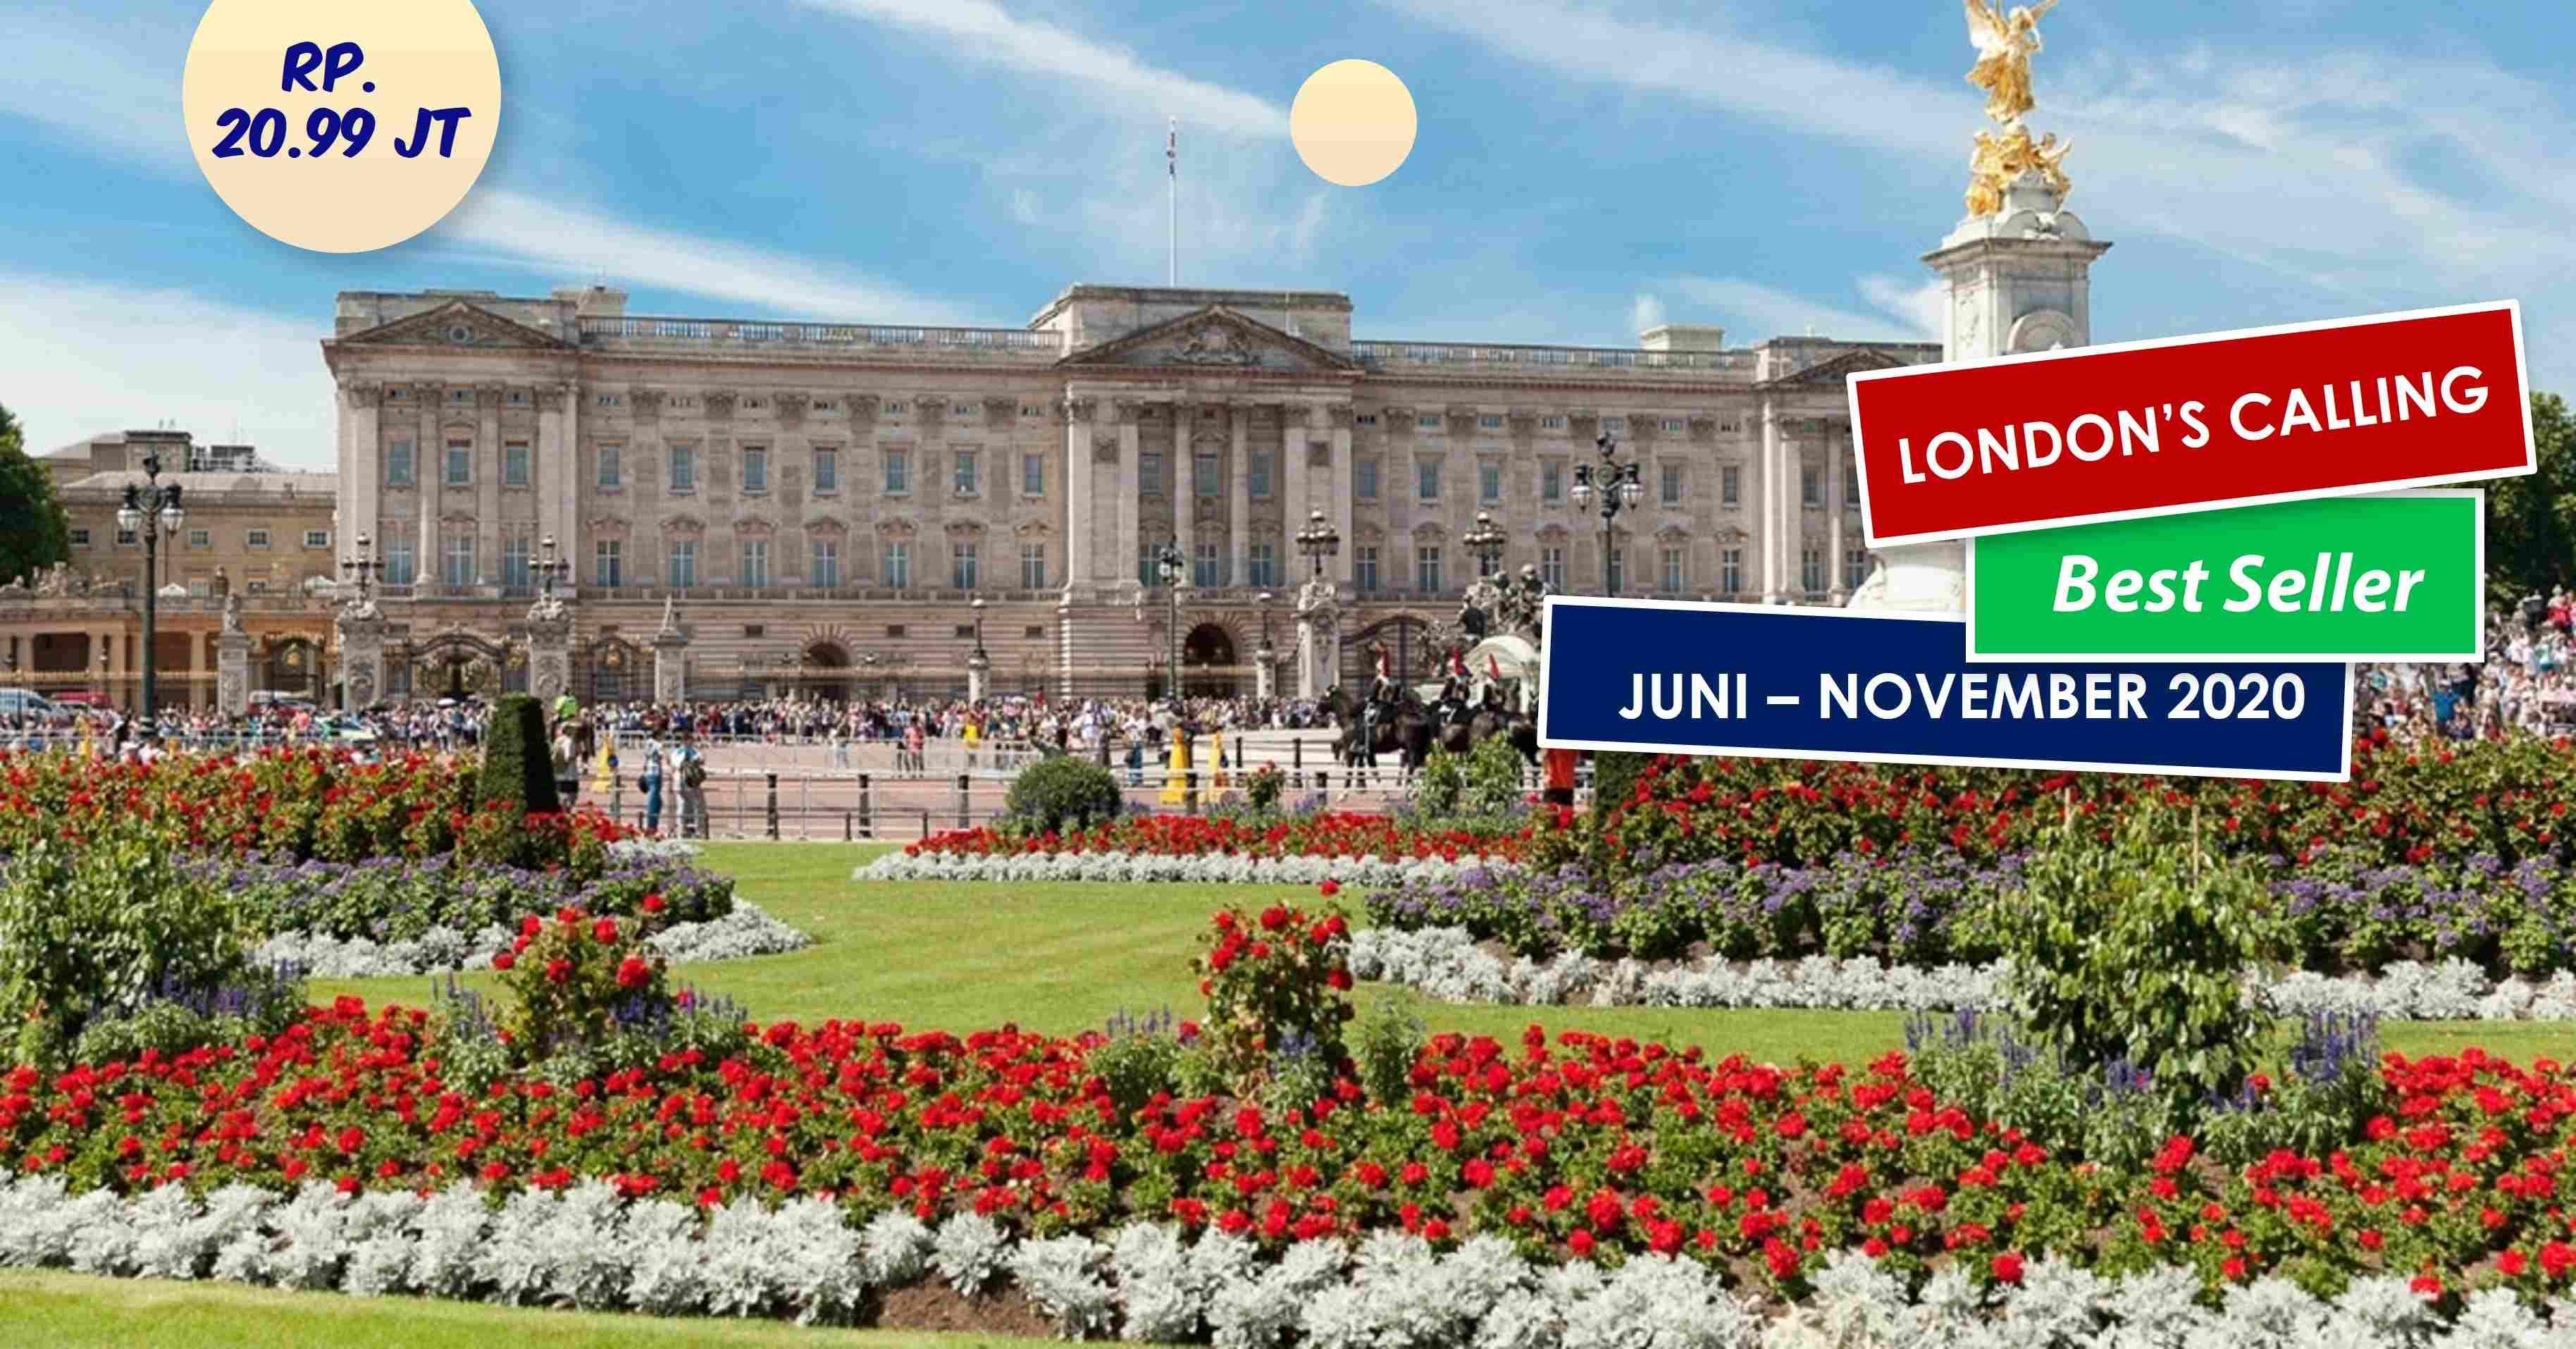 jual 11D London's Calling Juni - November 2020